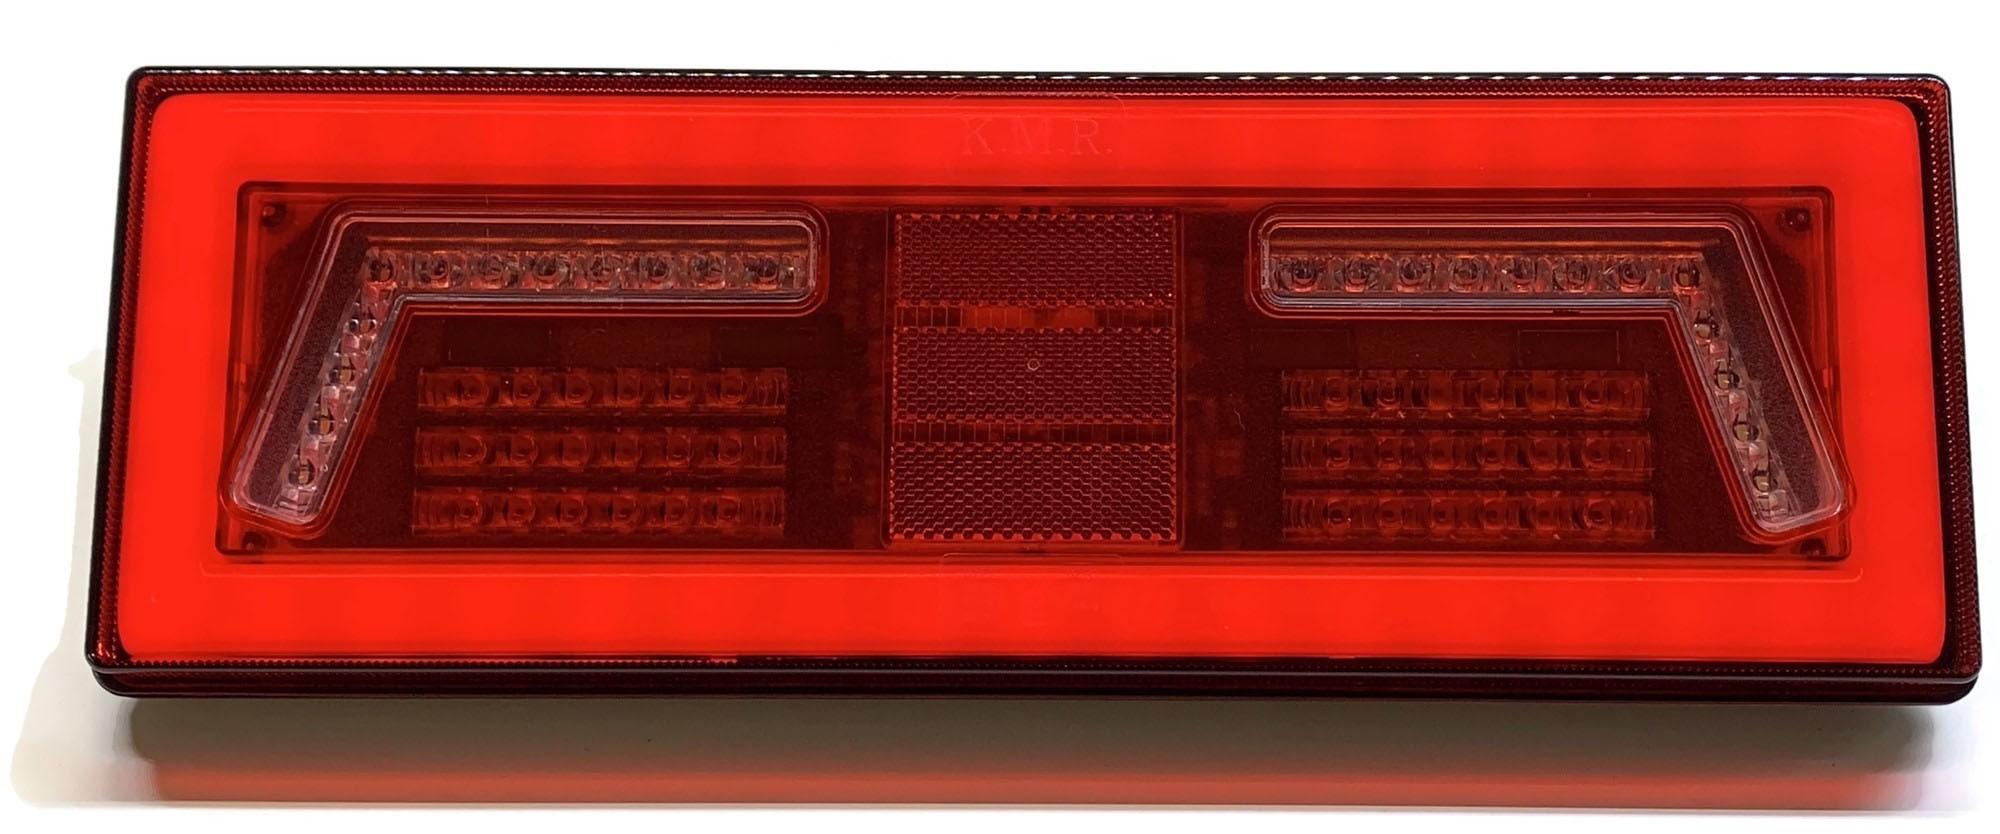 LAMPA LED TYLNA ZESPOLONA NEON PRZYCZEPA 12V 24V P